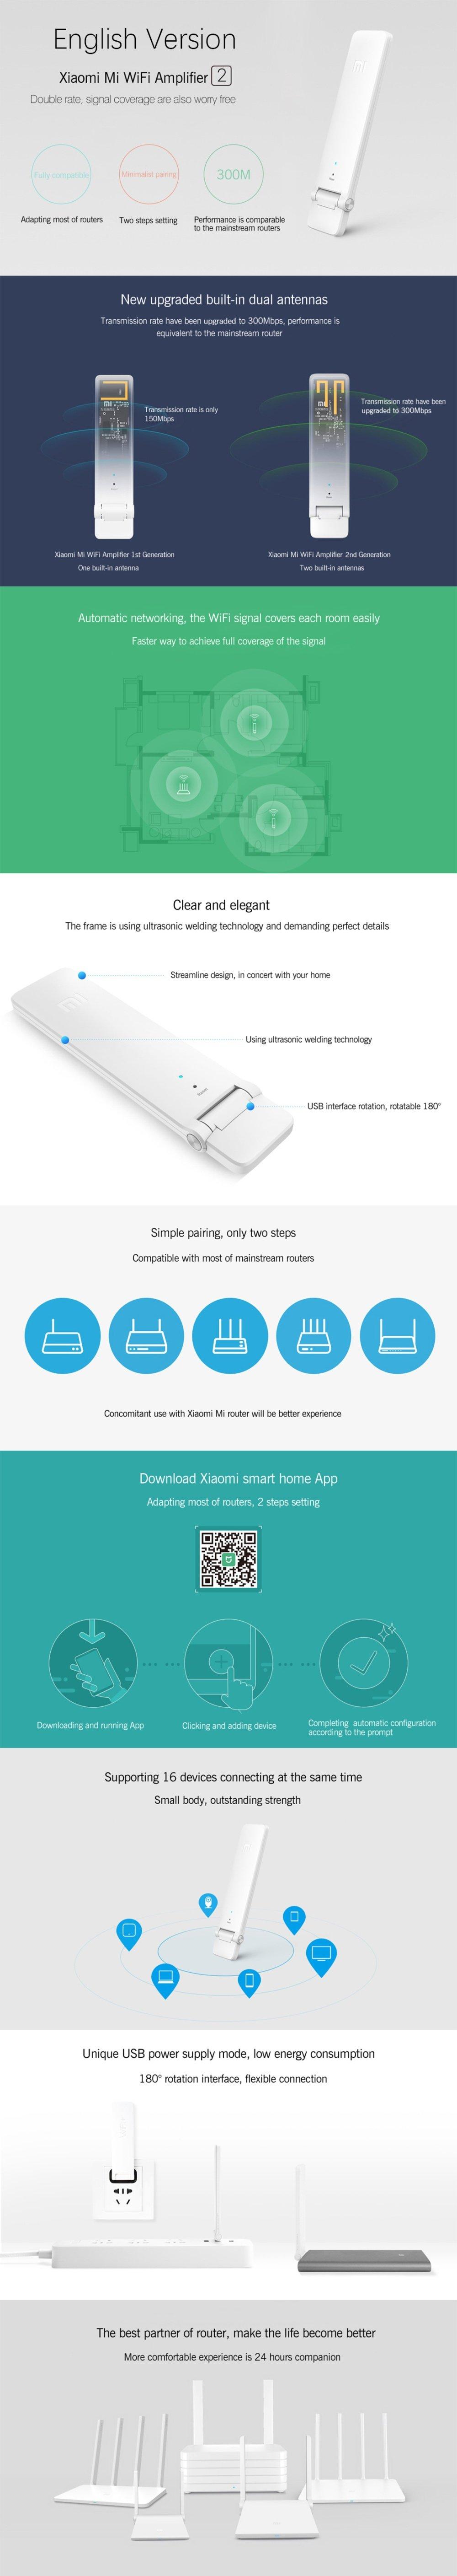 Xiaomi Mi WiFi Repeater 2(white)